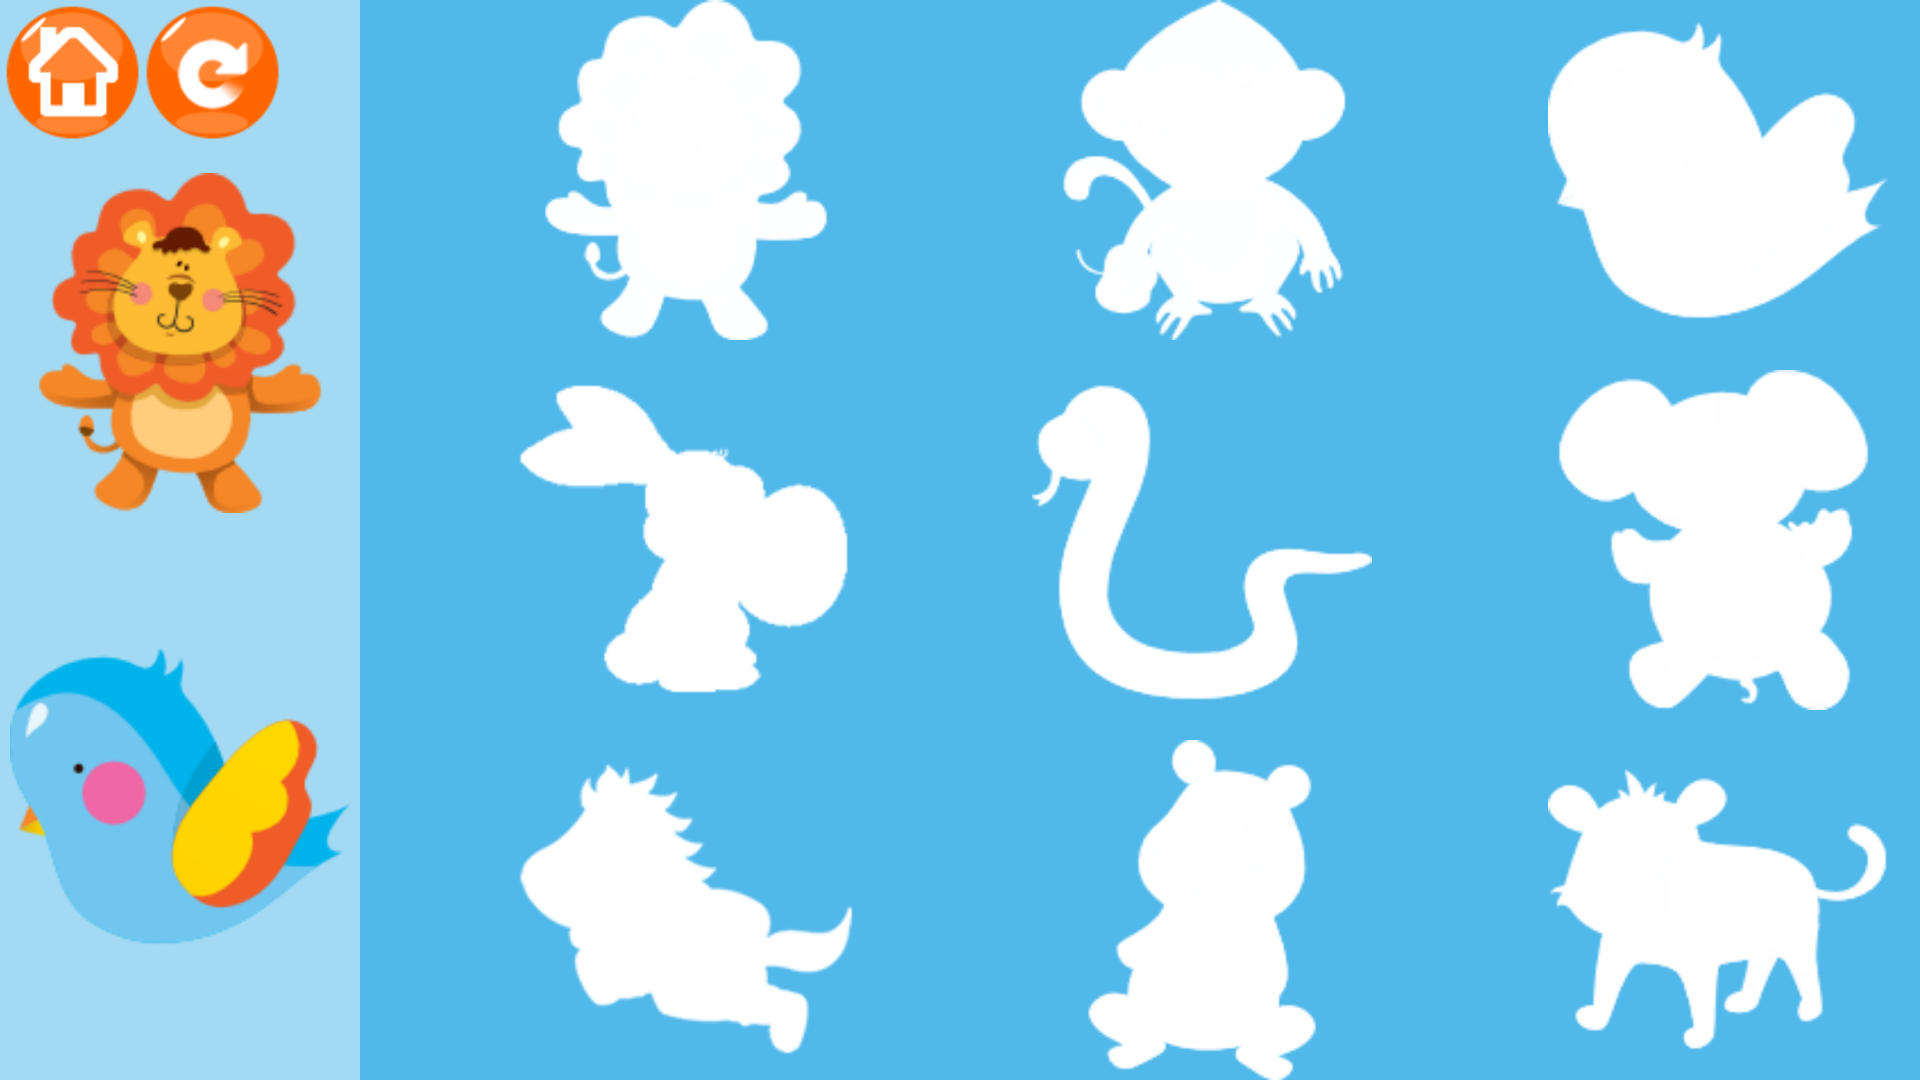 《宝宝拼图识动物》是一款适合于婴幼儿的识物软件。《宝宝拼图识动物》是宝宝的掌上动物园,家长必备的幼儿认知教育软件。 《宝宝拼图识动物》拥有两个功能块: (1) 动物园:动物园收录了33种世界各地的动物和中文发音,让宝宝喜欢上可爱的动物。 (2) 拼图游戏:拼图游戏里面有9种动物,让宝宝将动物贴到正确的位置,即动手又动脑。